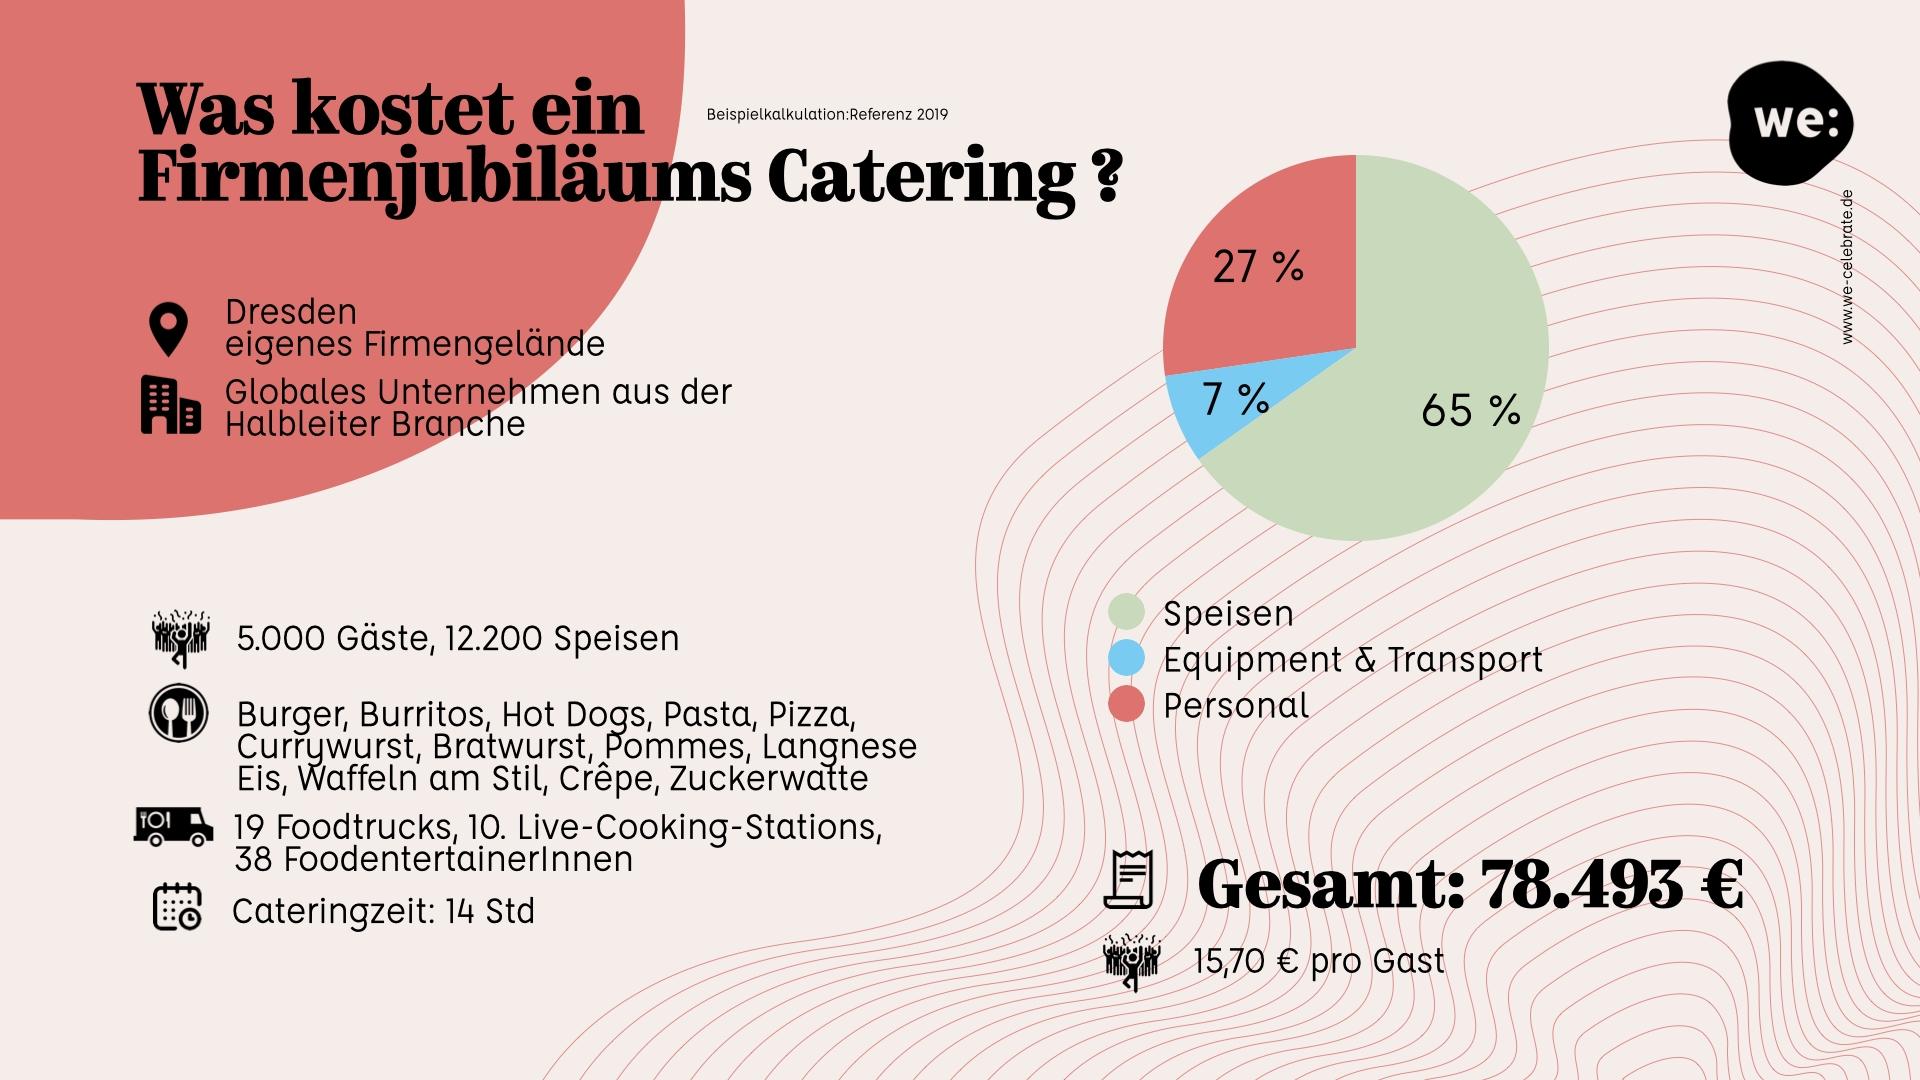 Kosten Firmenjubiläum Dresden